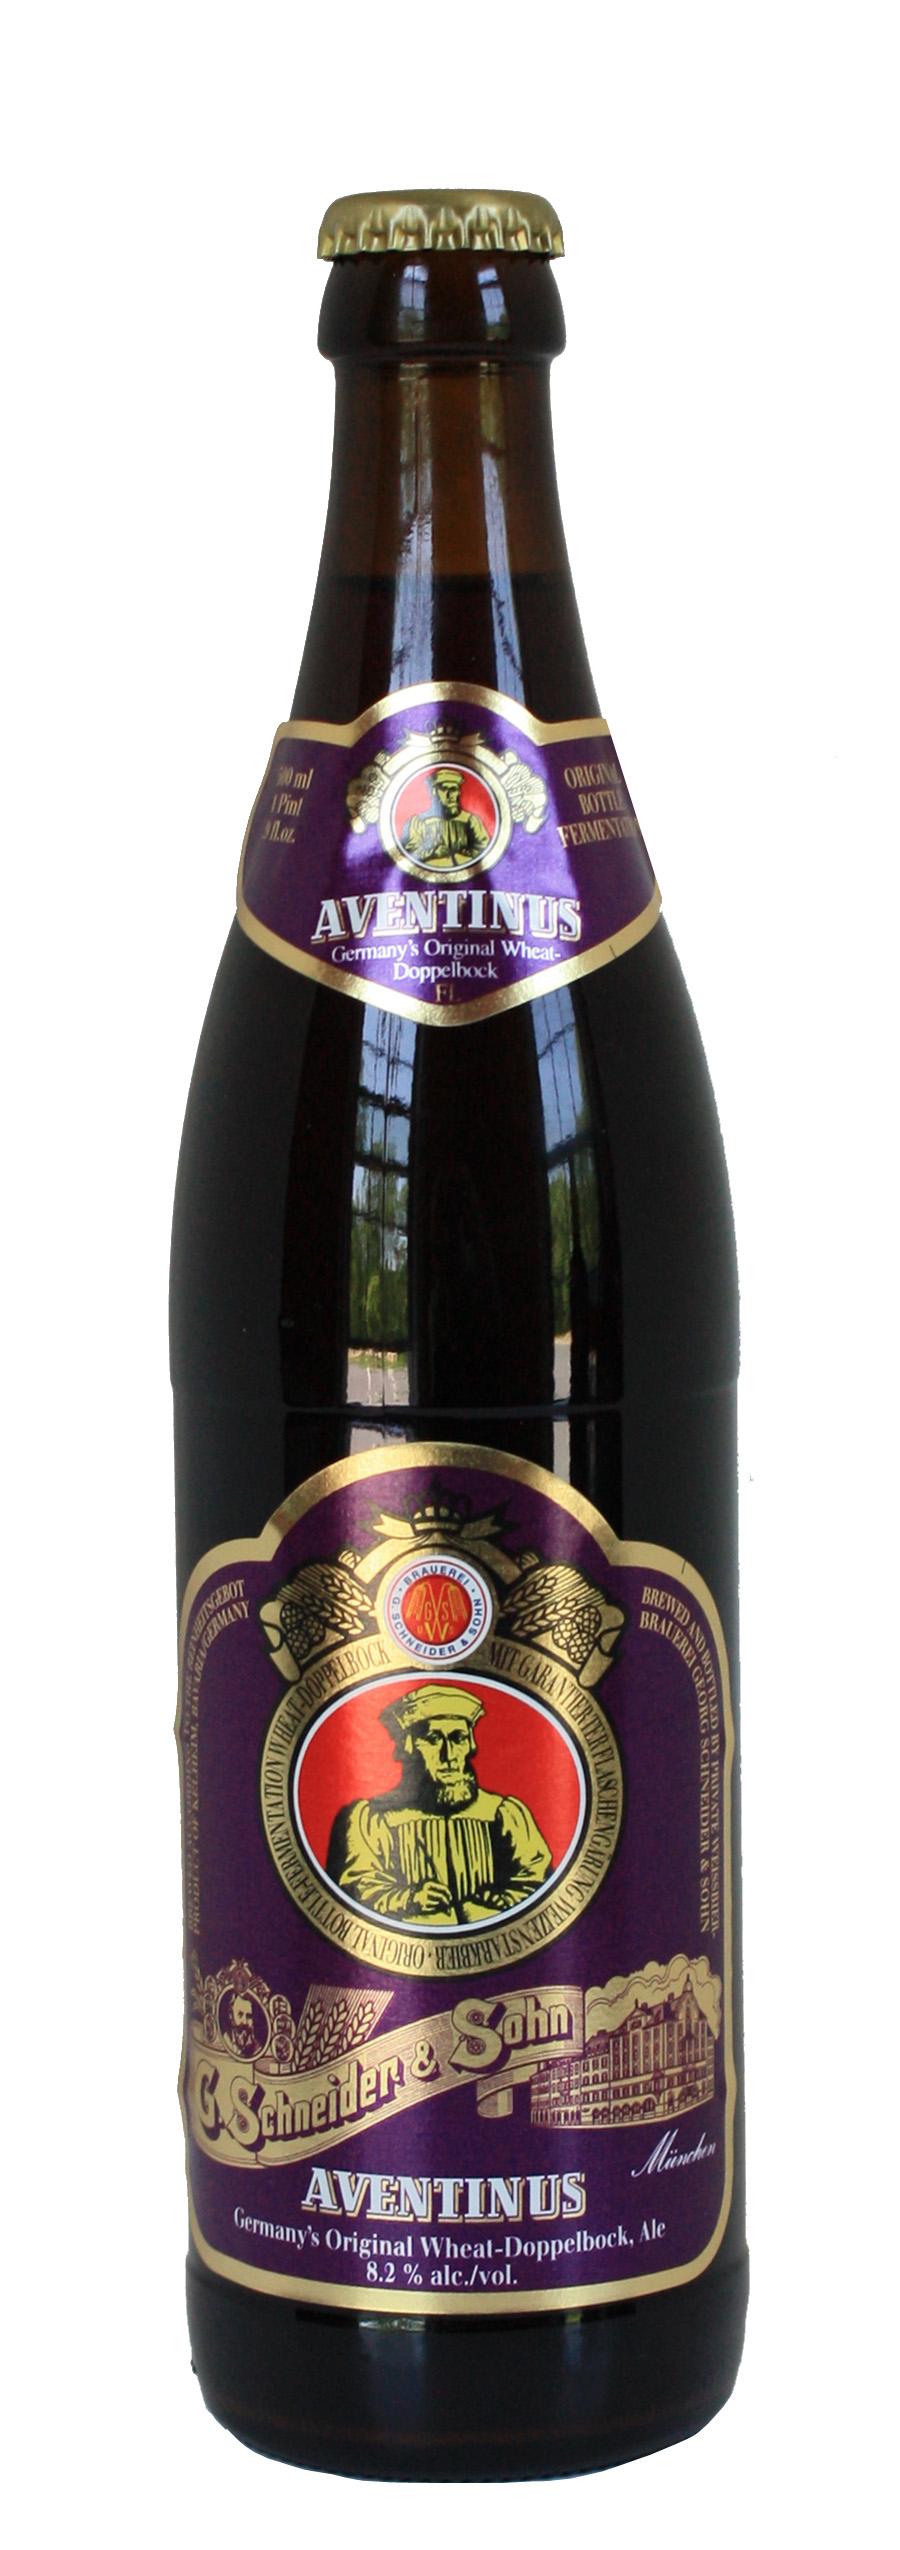 Schneider Weisse Aventinus Wheat Doppelbock | BeerPulse